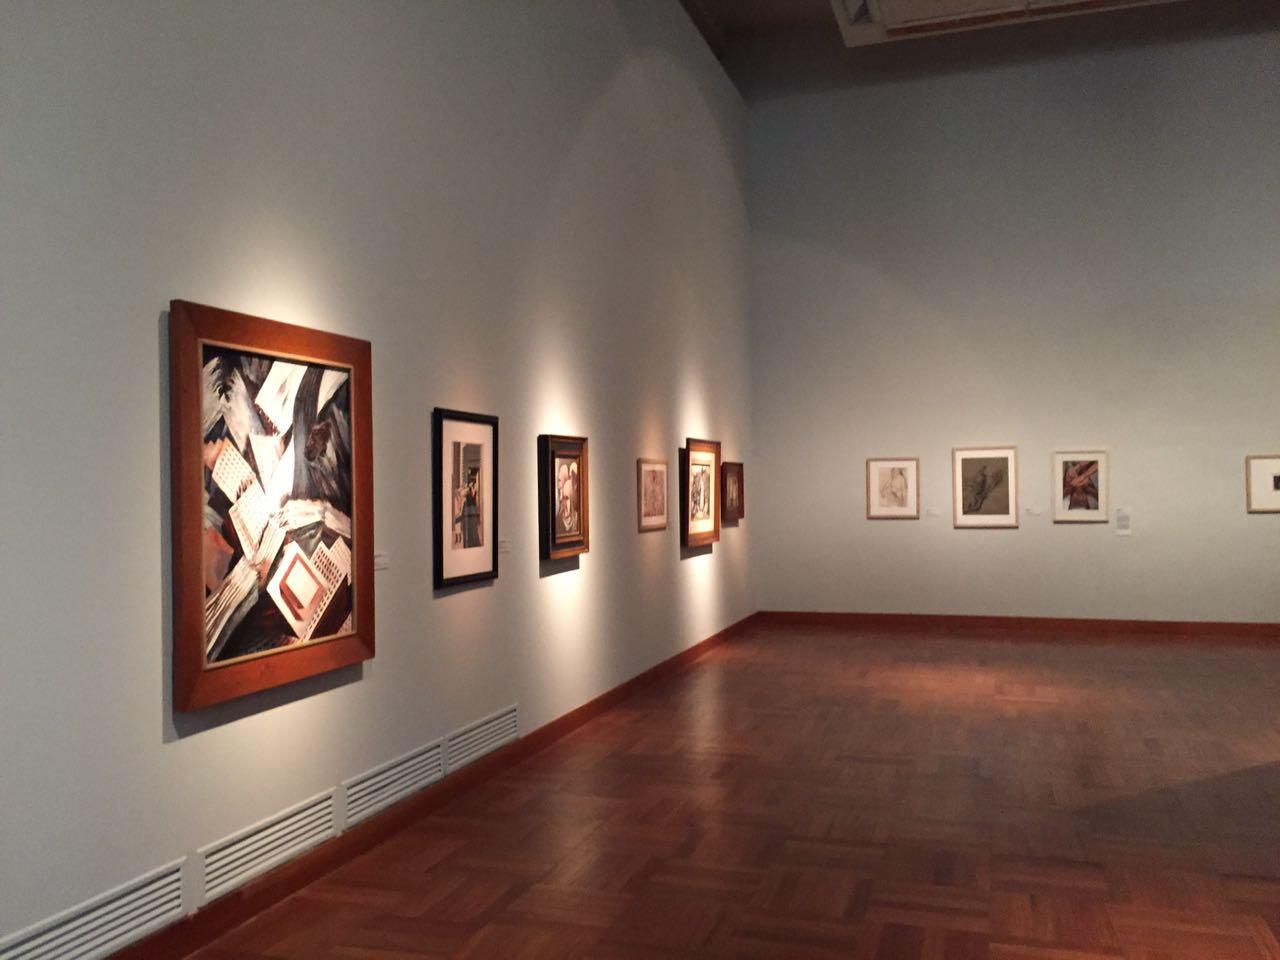 La exposición pendiente, con obras de  Orozco, Rivera y Siqueiros, llega a México | El Imparcial de Oaxaca